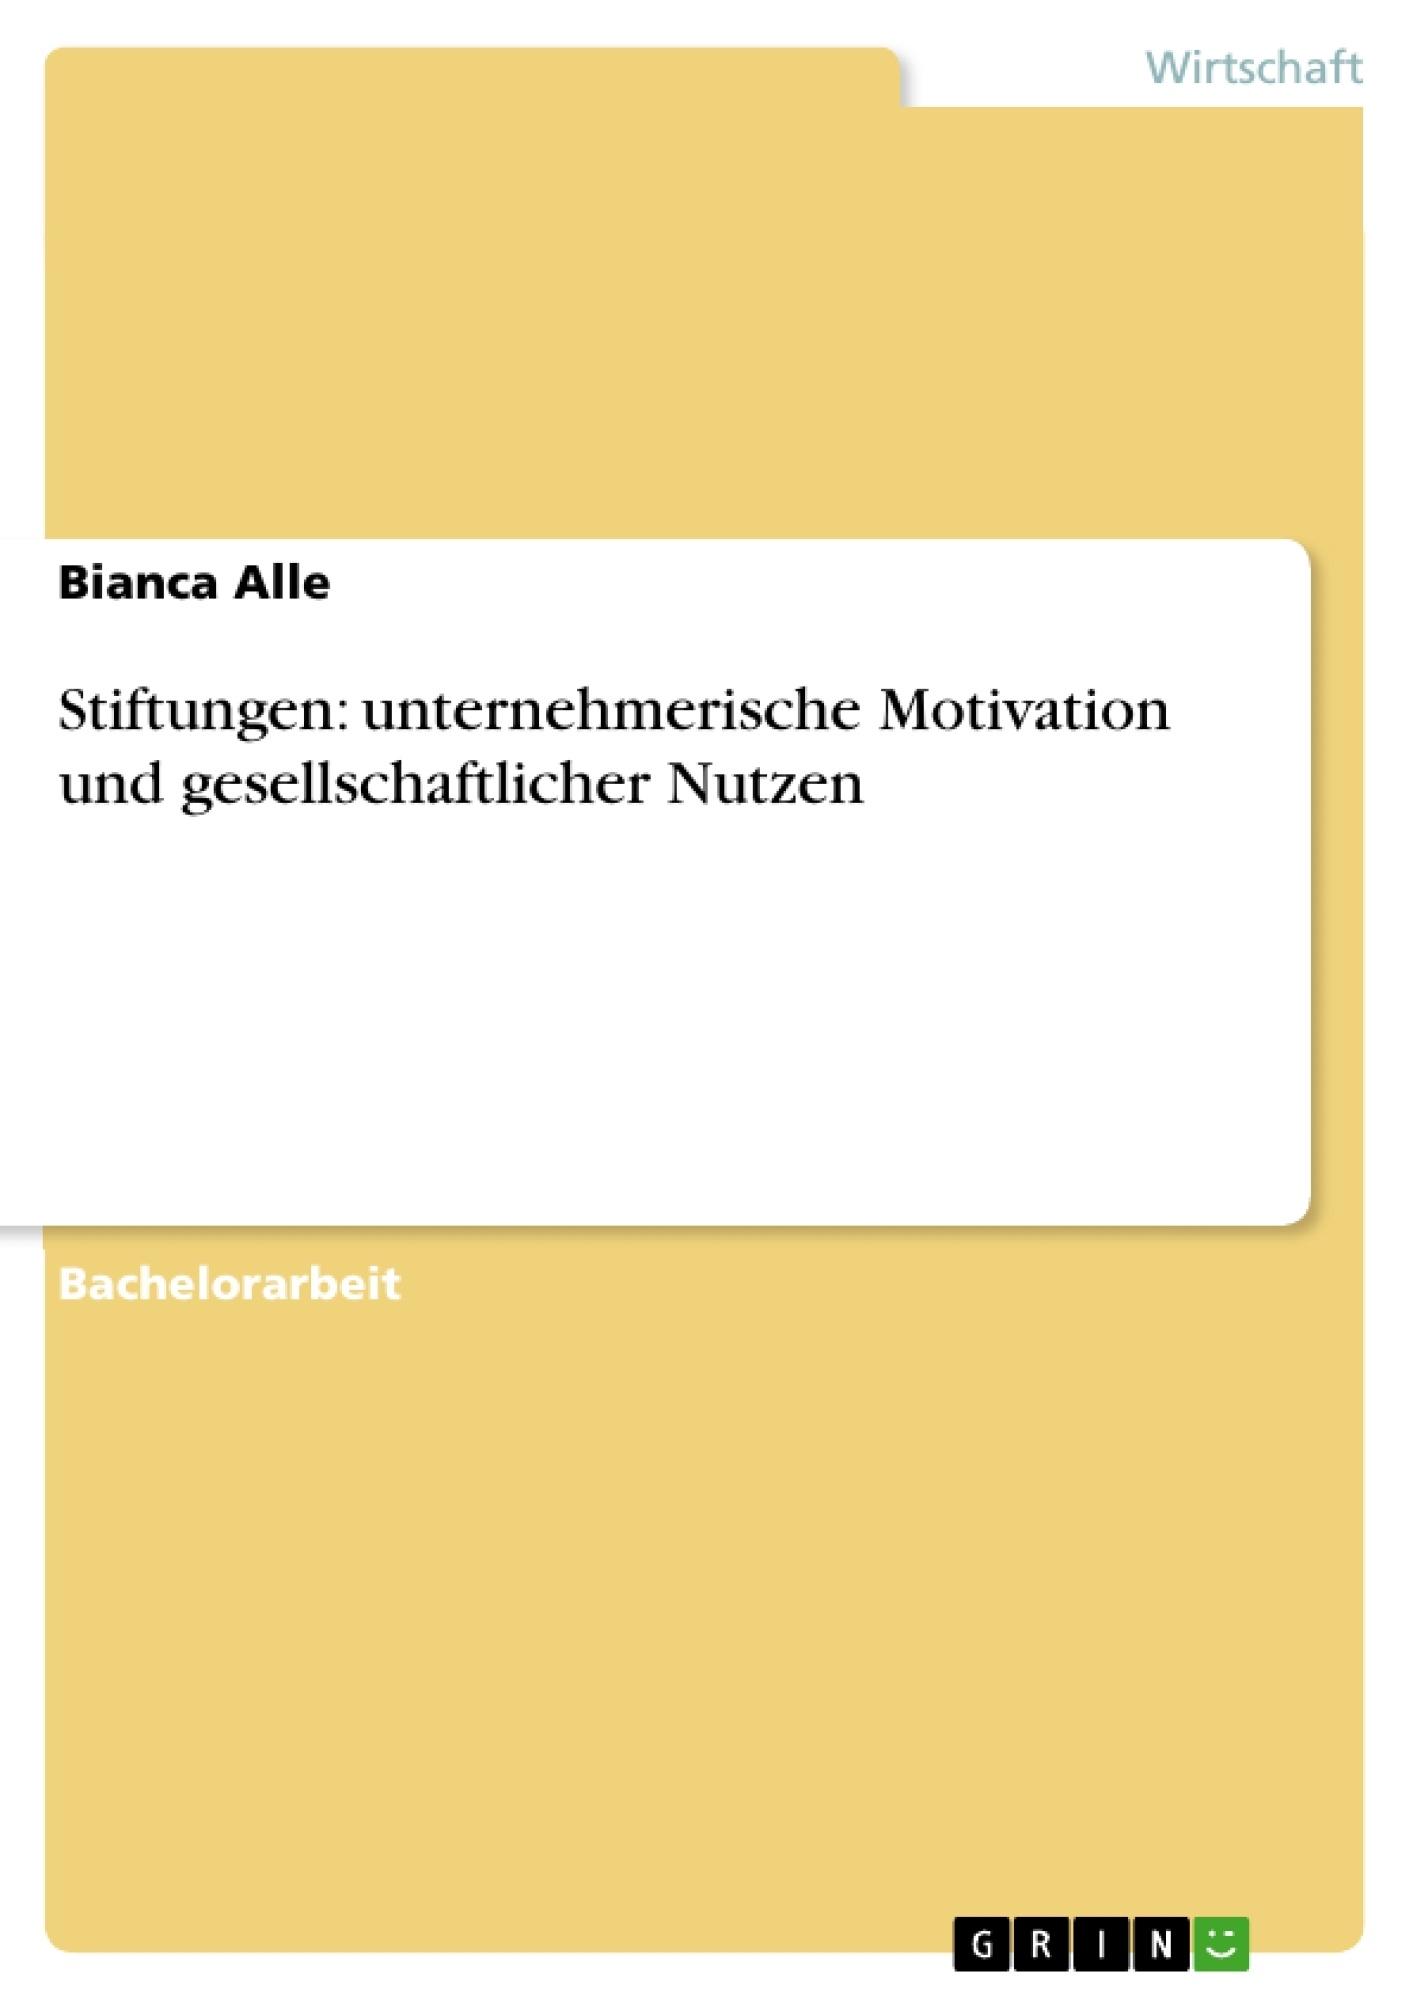 Titel: Stiftungen: unternehmerische Motivation und gesellschaftlicher Nutzen